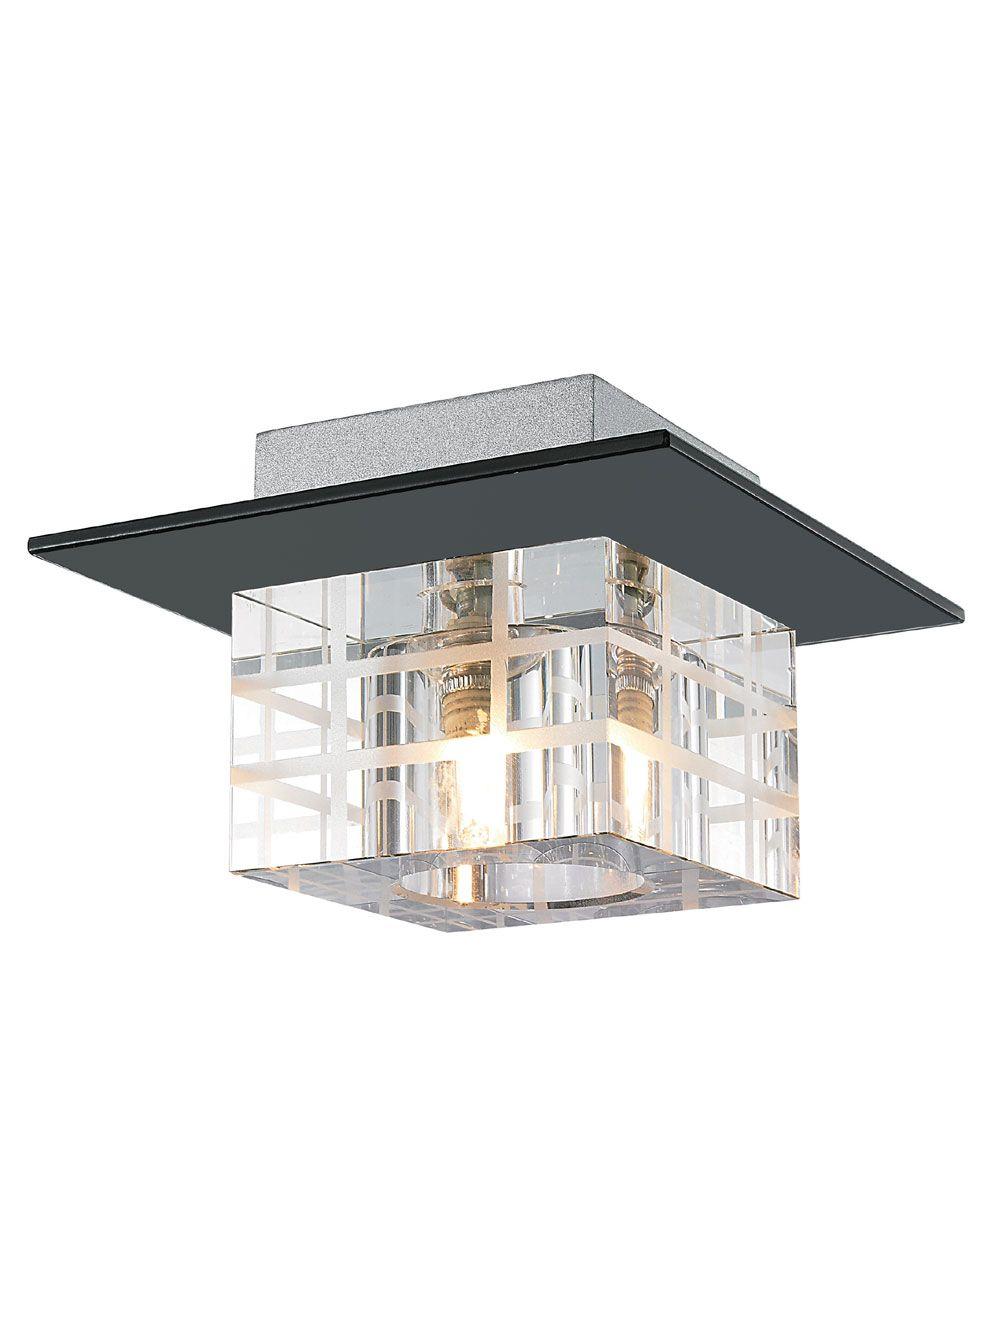 Plafon de Sobrepor em Aço, Cristal e Vidro Preto C15cm 1x G9 PL-014/1.15PT Mais Luz